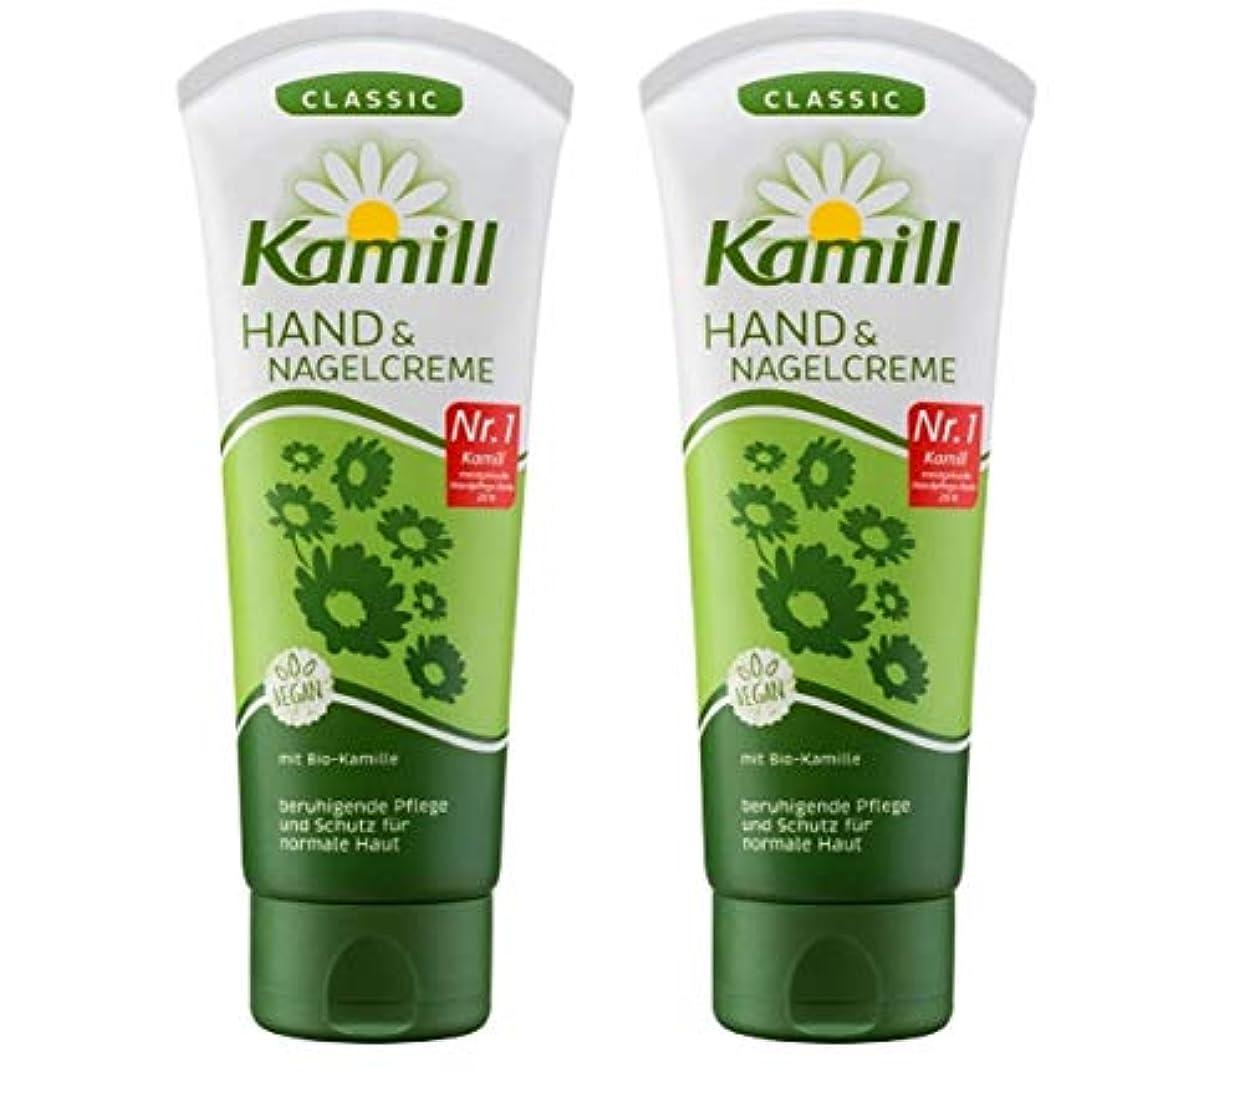 確保する逆説安定しました[Kamill]カミール ハンド&ネイルクリームクラシック100mlx2